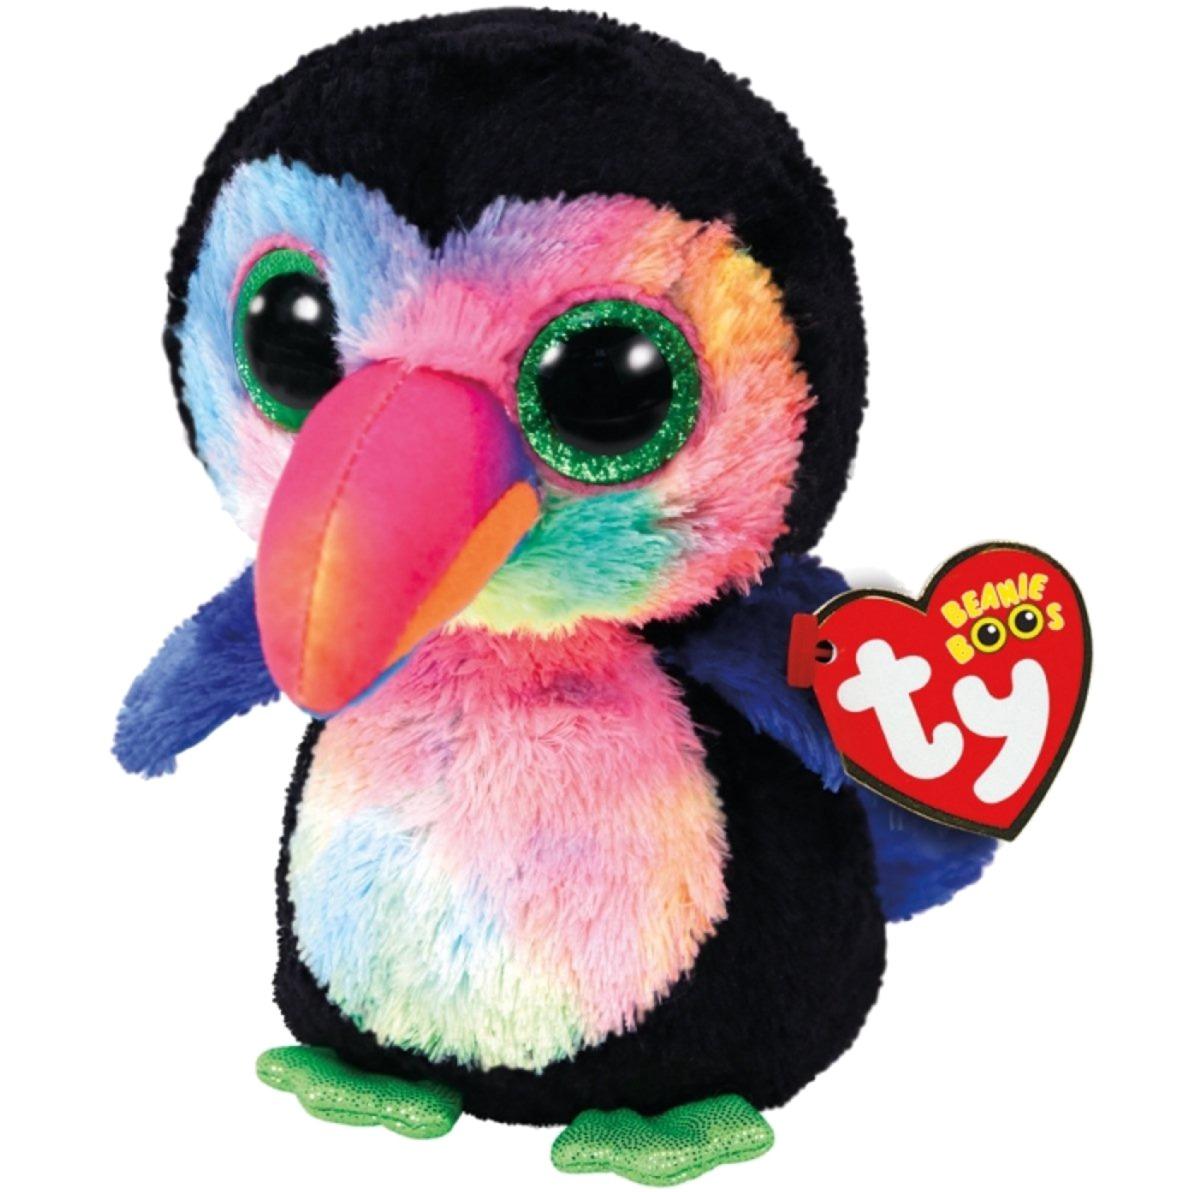 Beanie Boos - Beaks - Peluche 23 cm